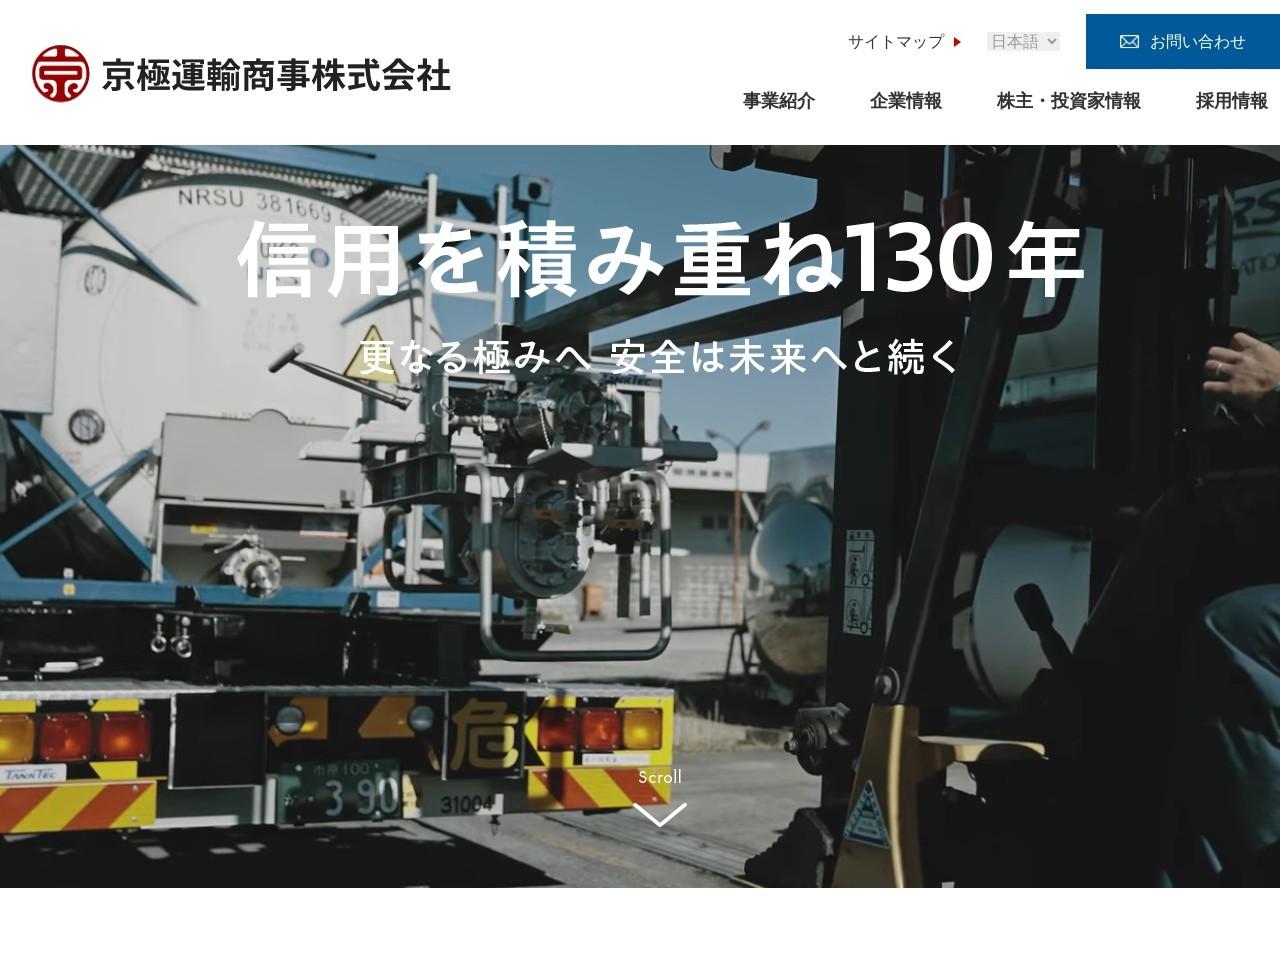 京極運輸商事株式会社京浜支店